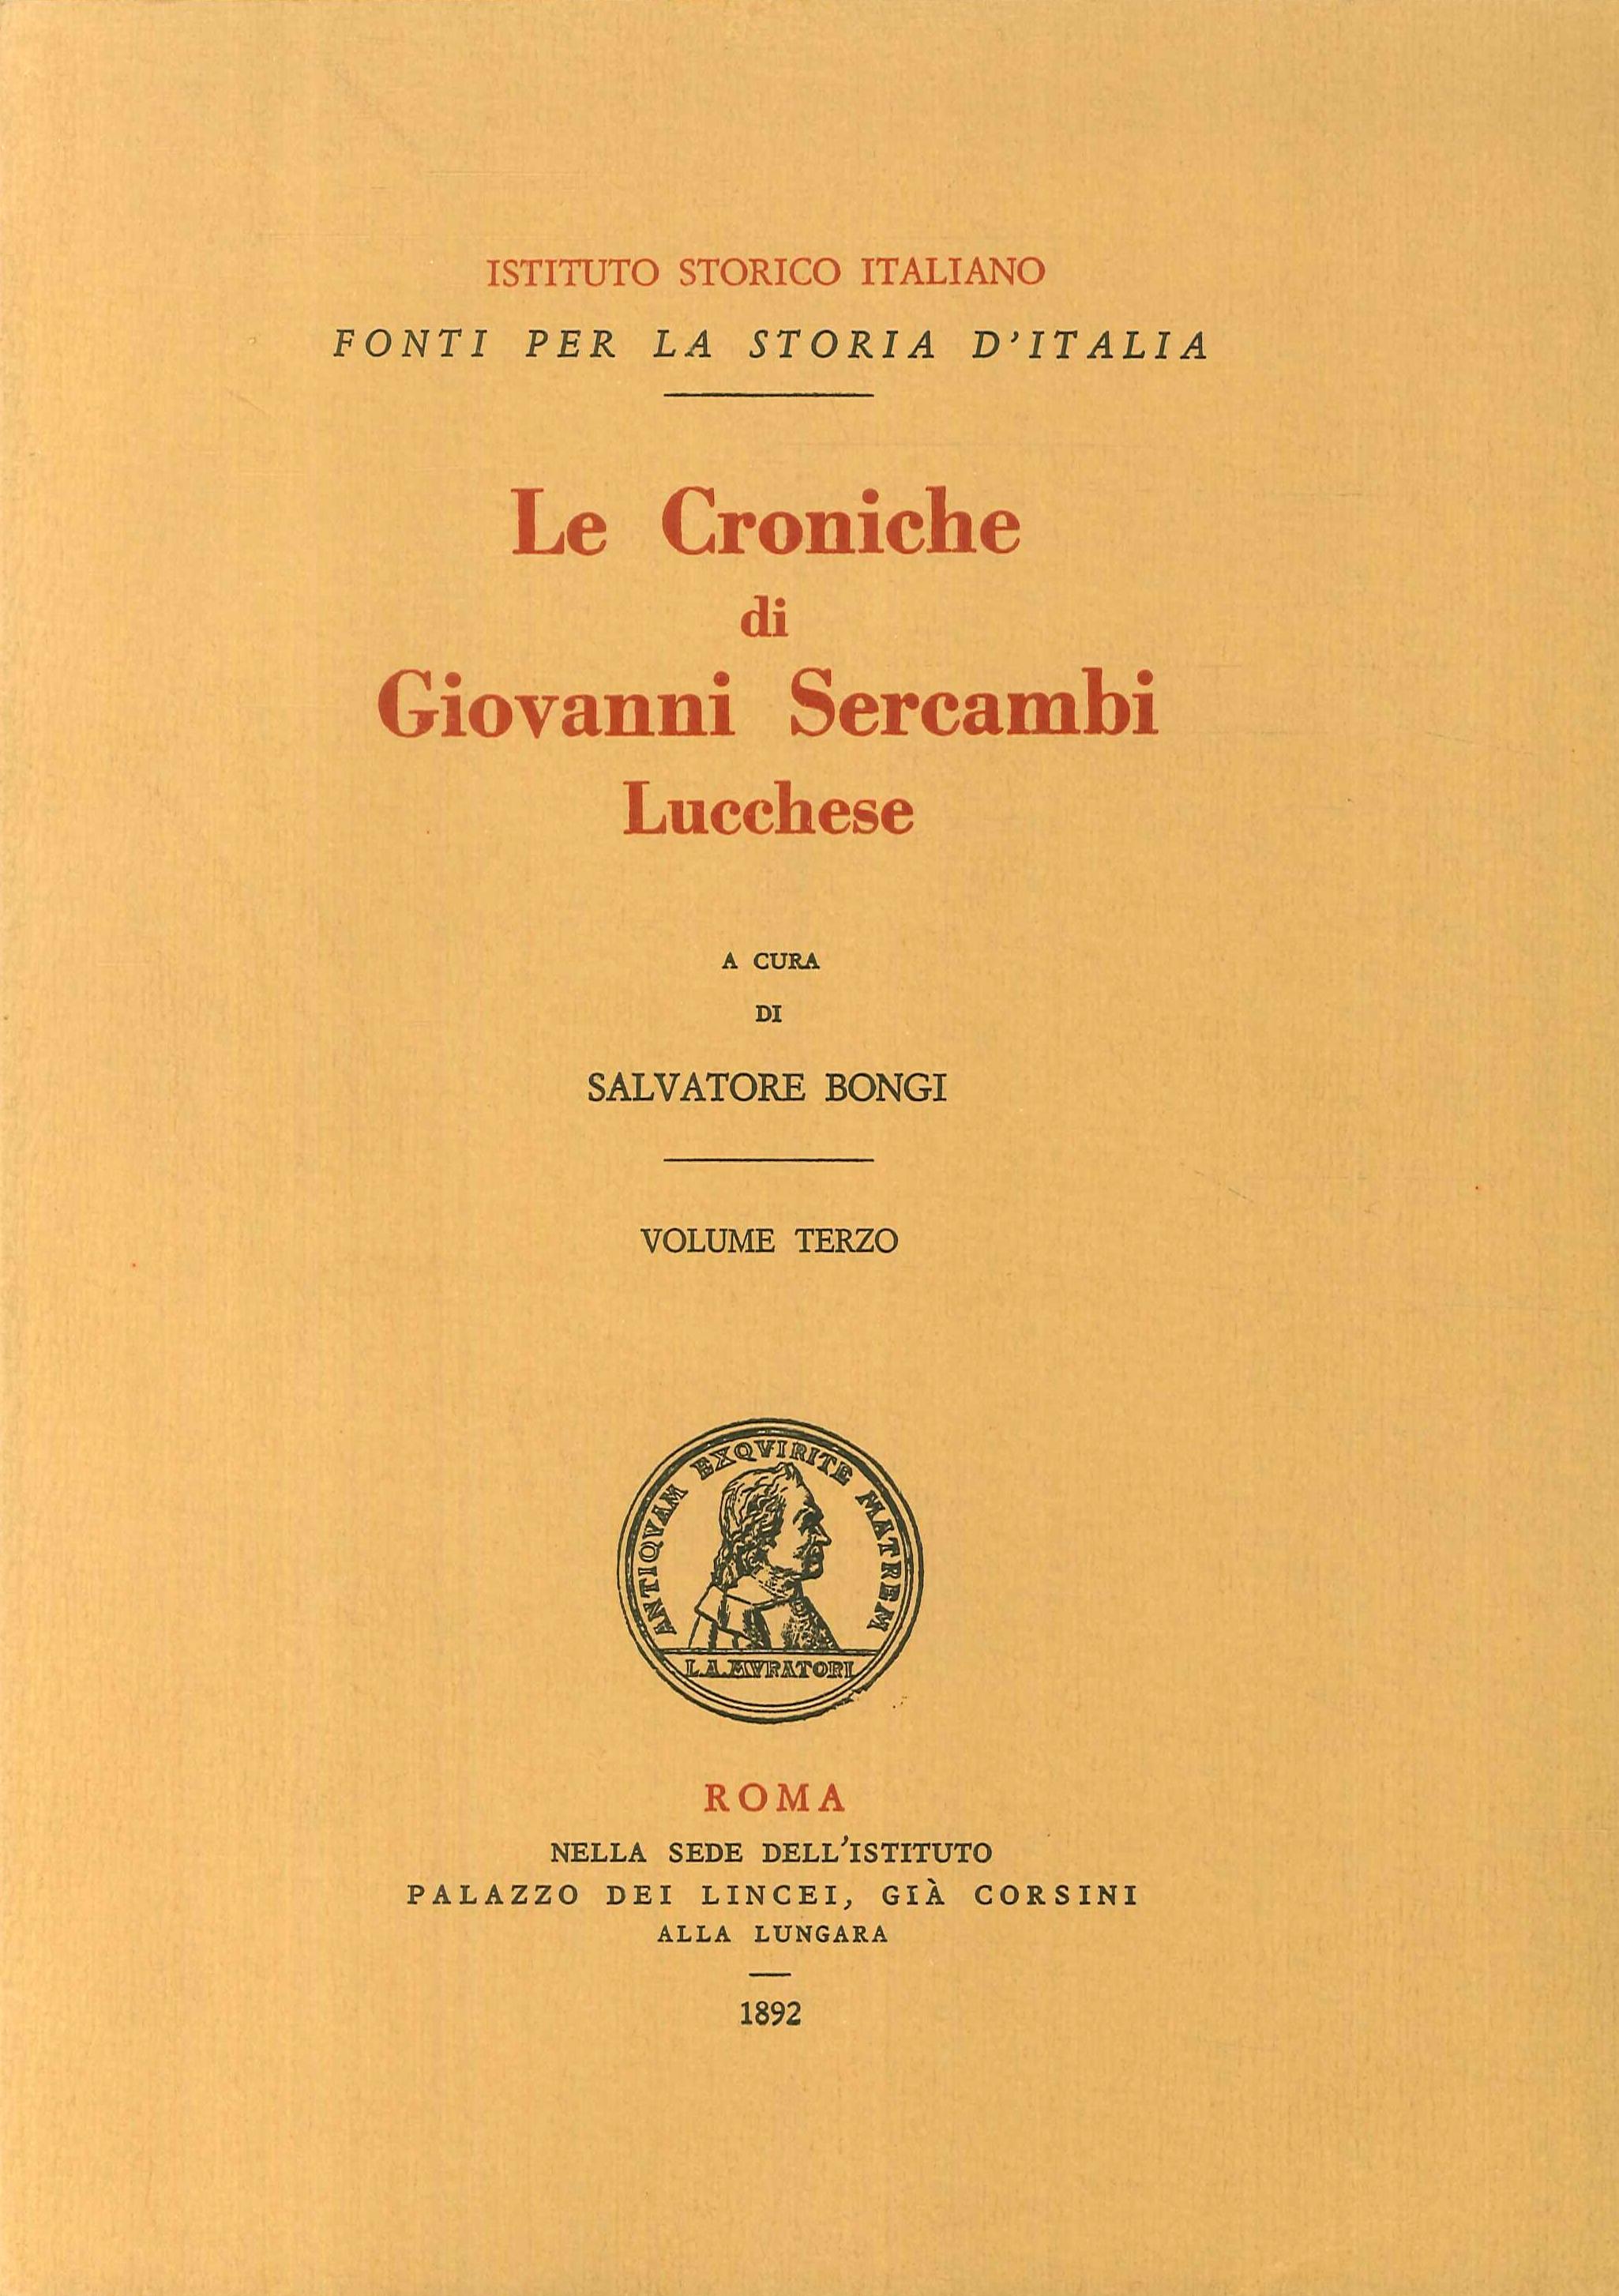 Le Croniche di Giovanni Sercambi Lucchese. Volume terzo.